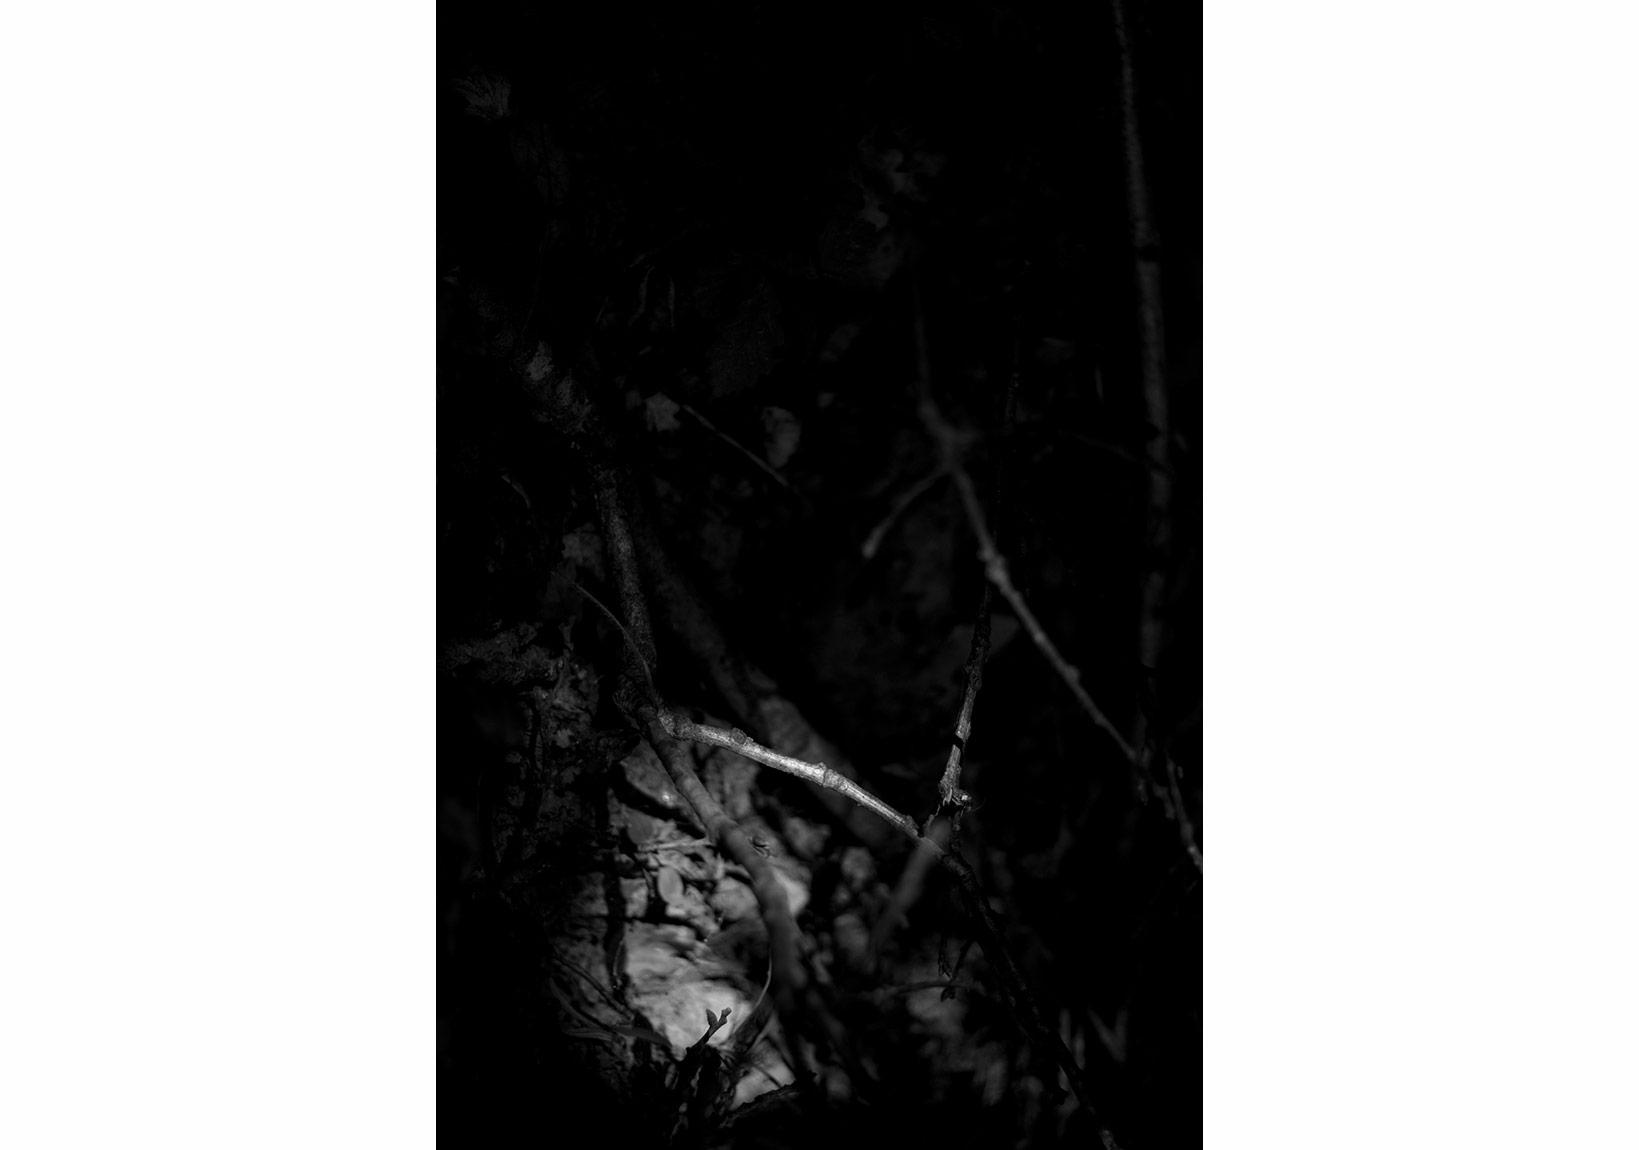 Aslı Narin, Rüzgarı Düşün/Think of the Wind(4), 2015, Diasec baskı/print, 40x27cm